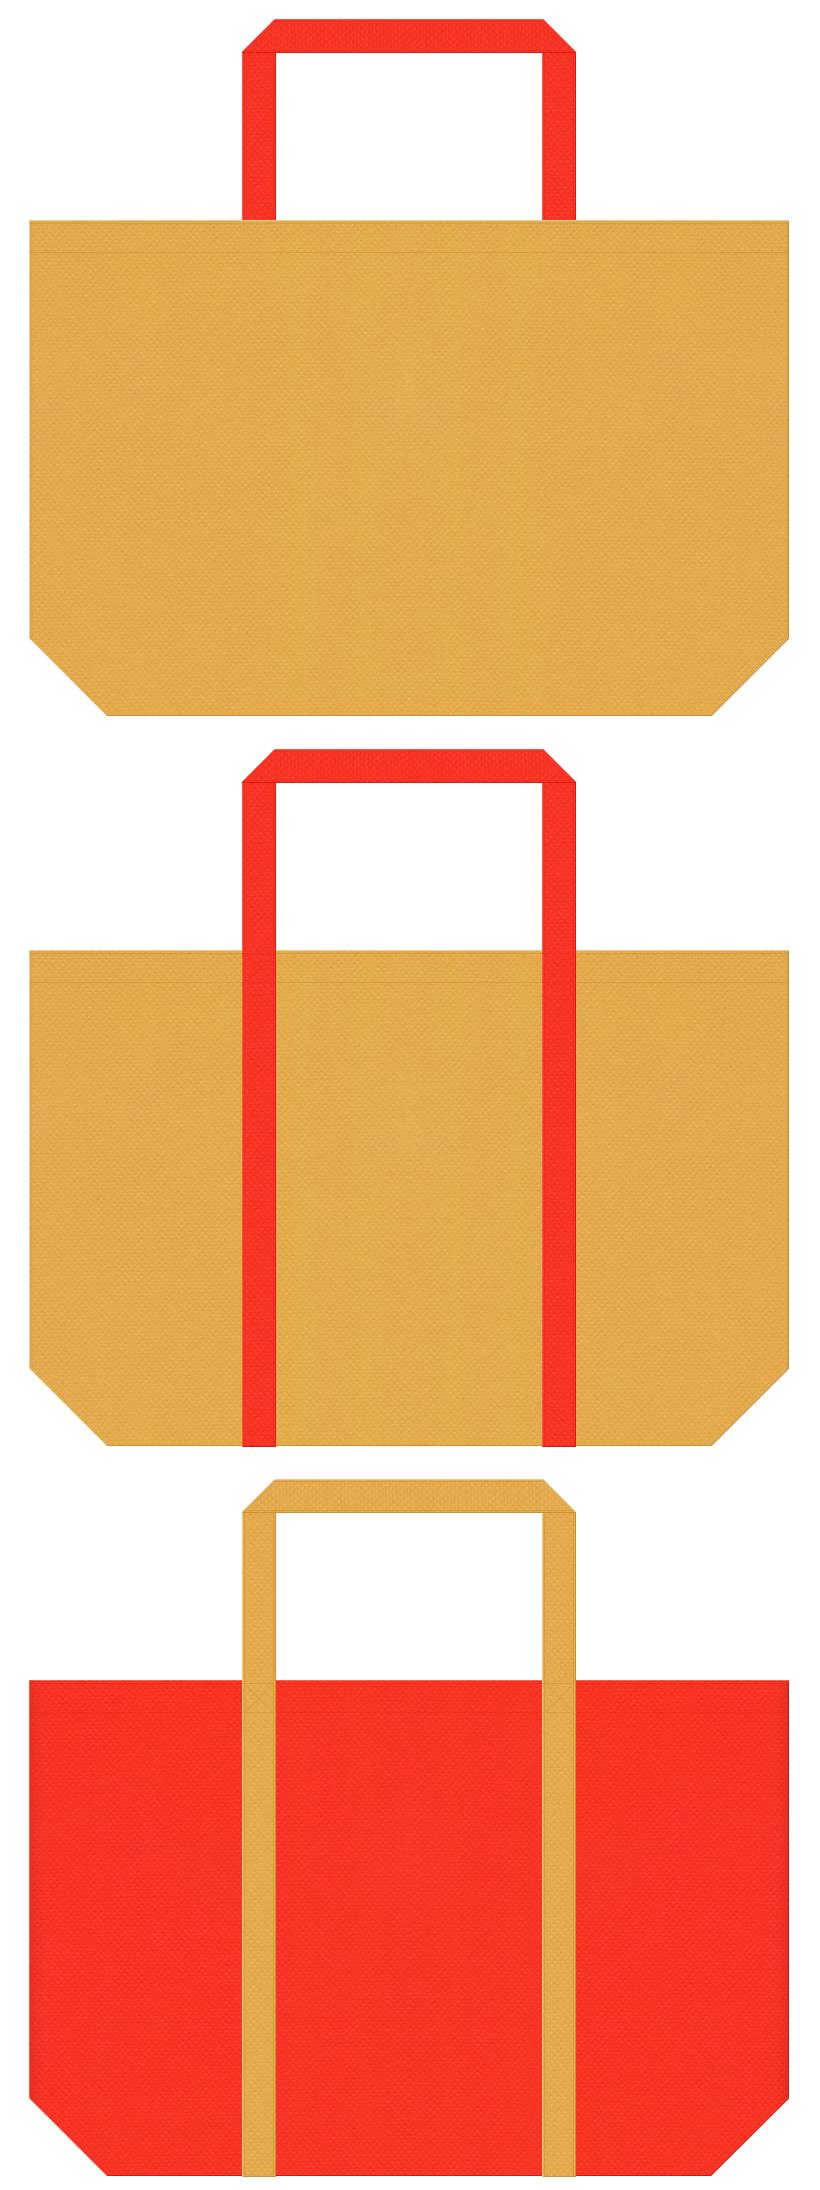 黄土色とオレンジ色の不織布ショッピングバッグデザイン。レシピ・お料理教室にお奨めの配色です。オニオンスープ風。